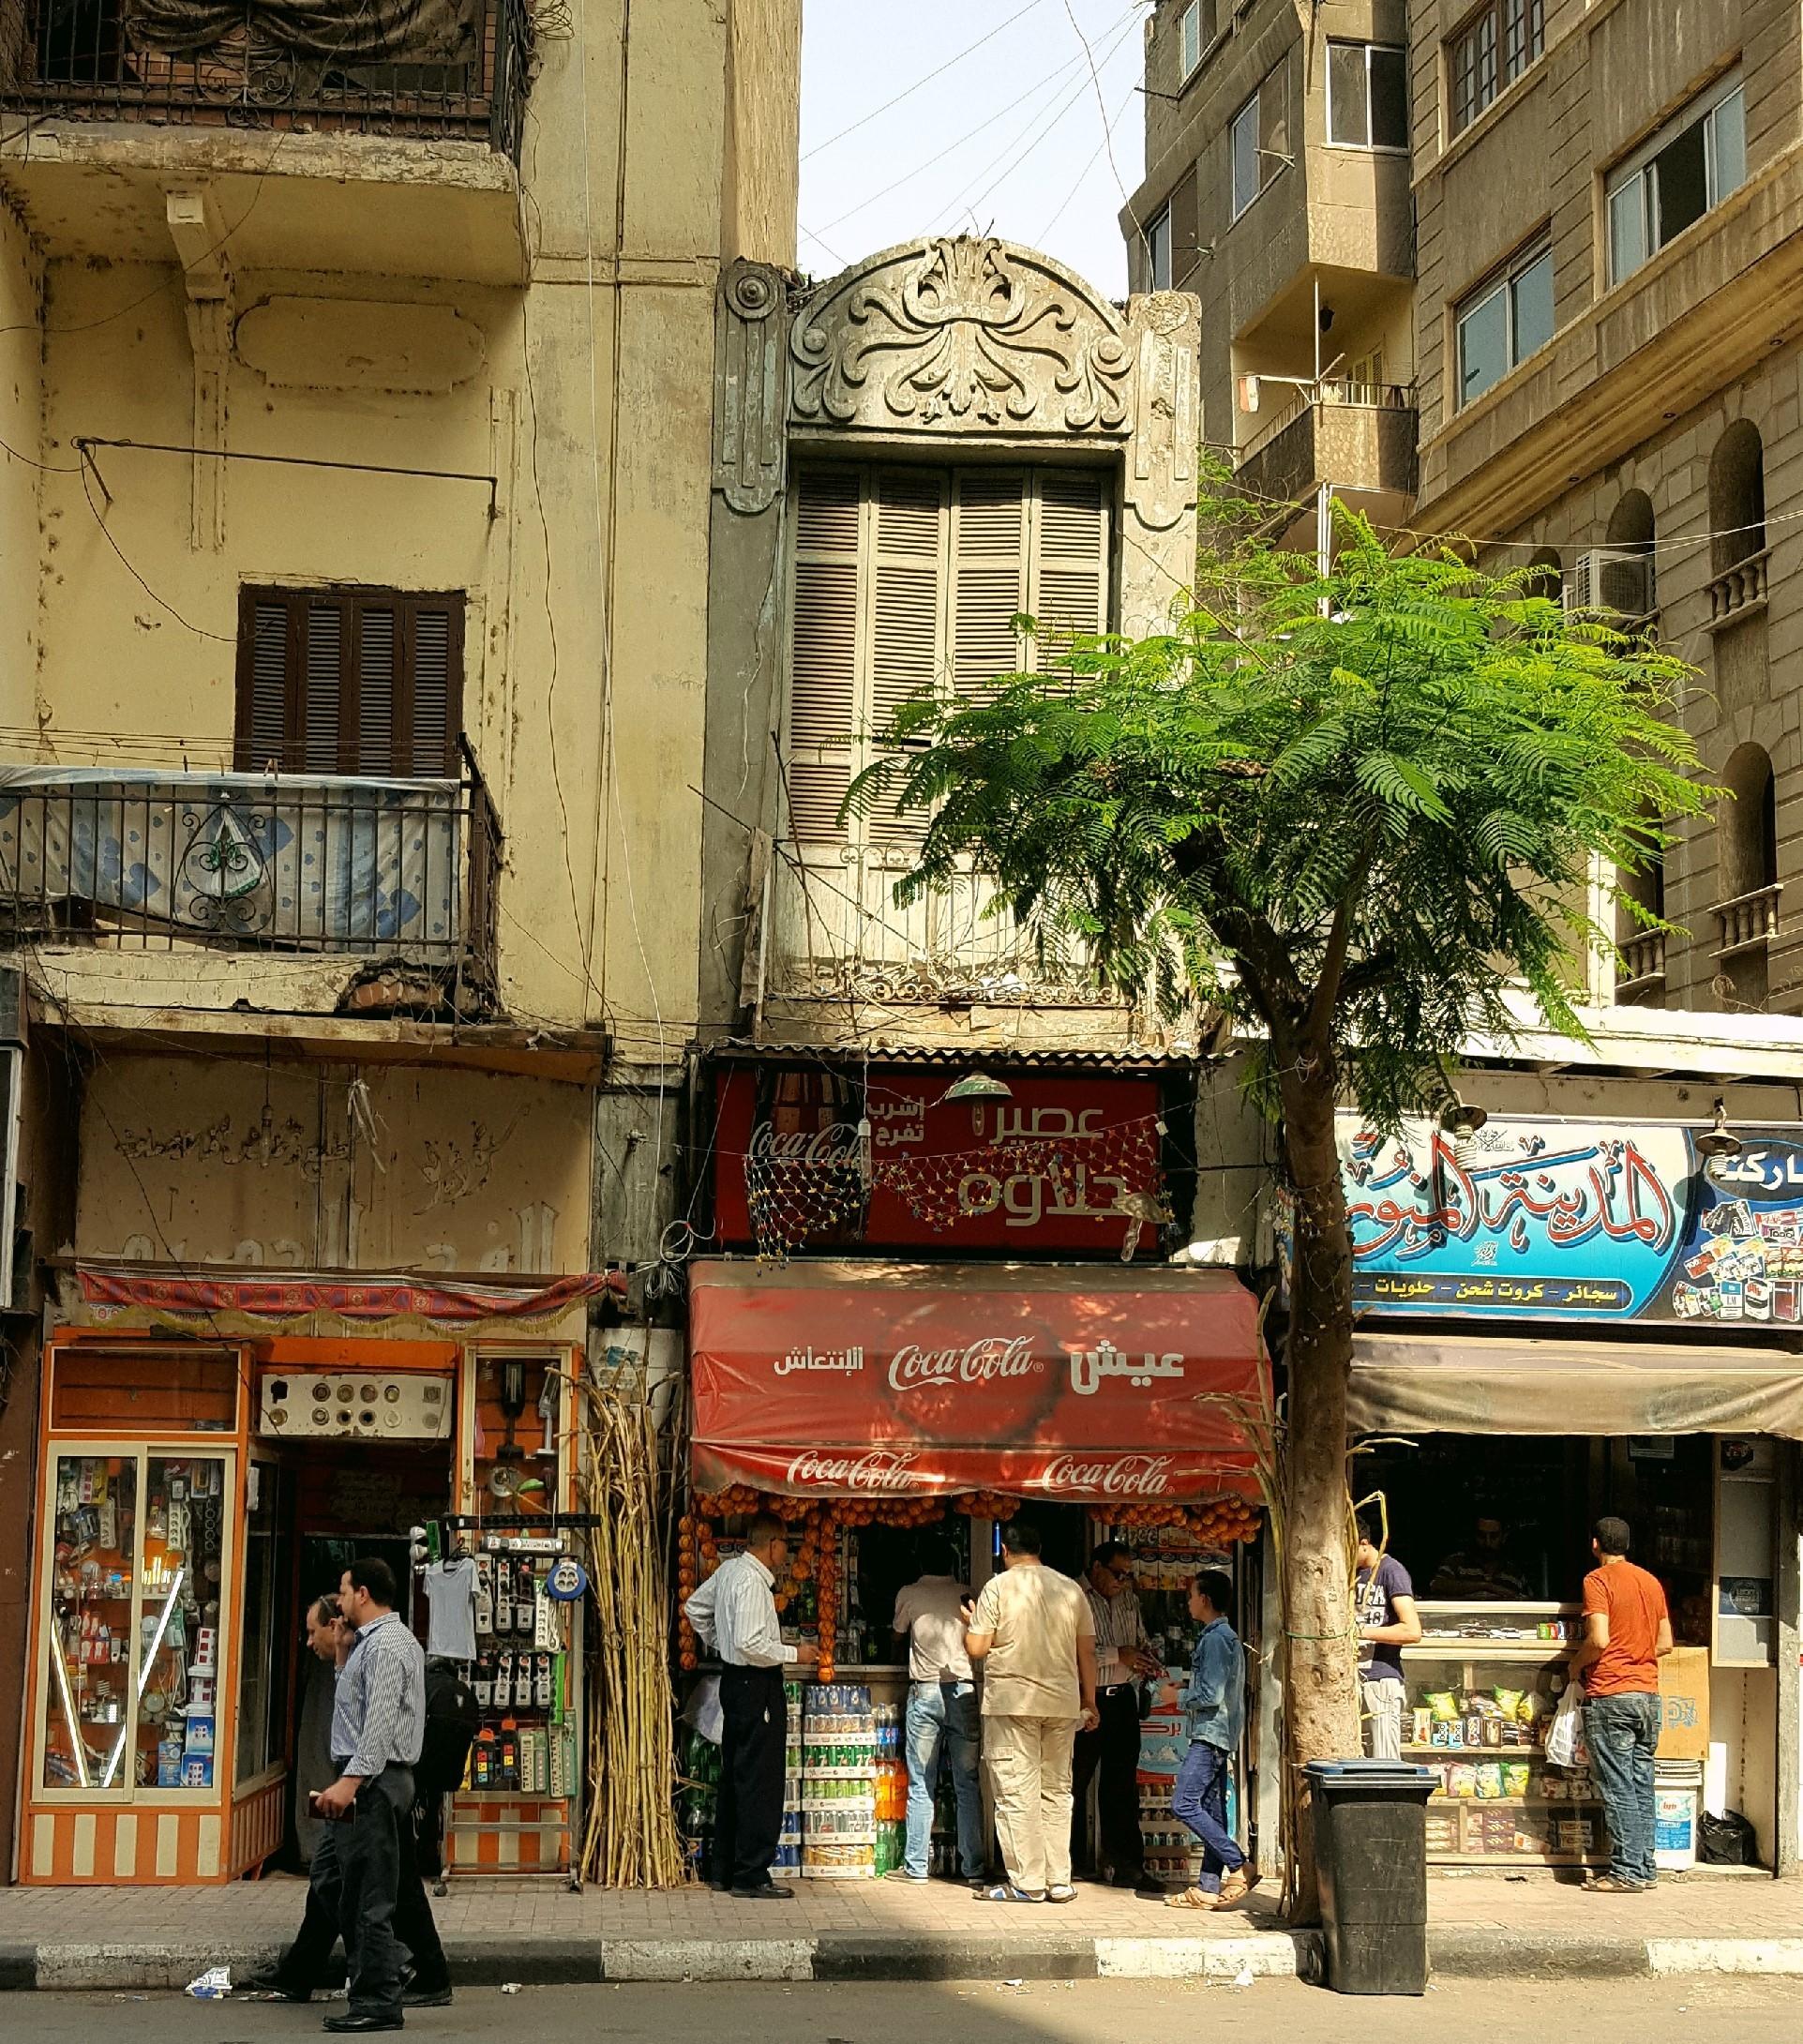 مبنى صغير بين عمارات عملاقة للتجارة والراحة في شارع الجمهورية - تصوير: ميشيل حنا